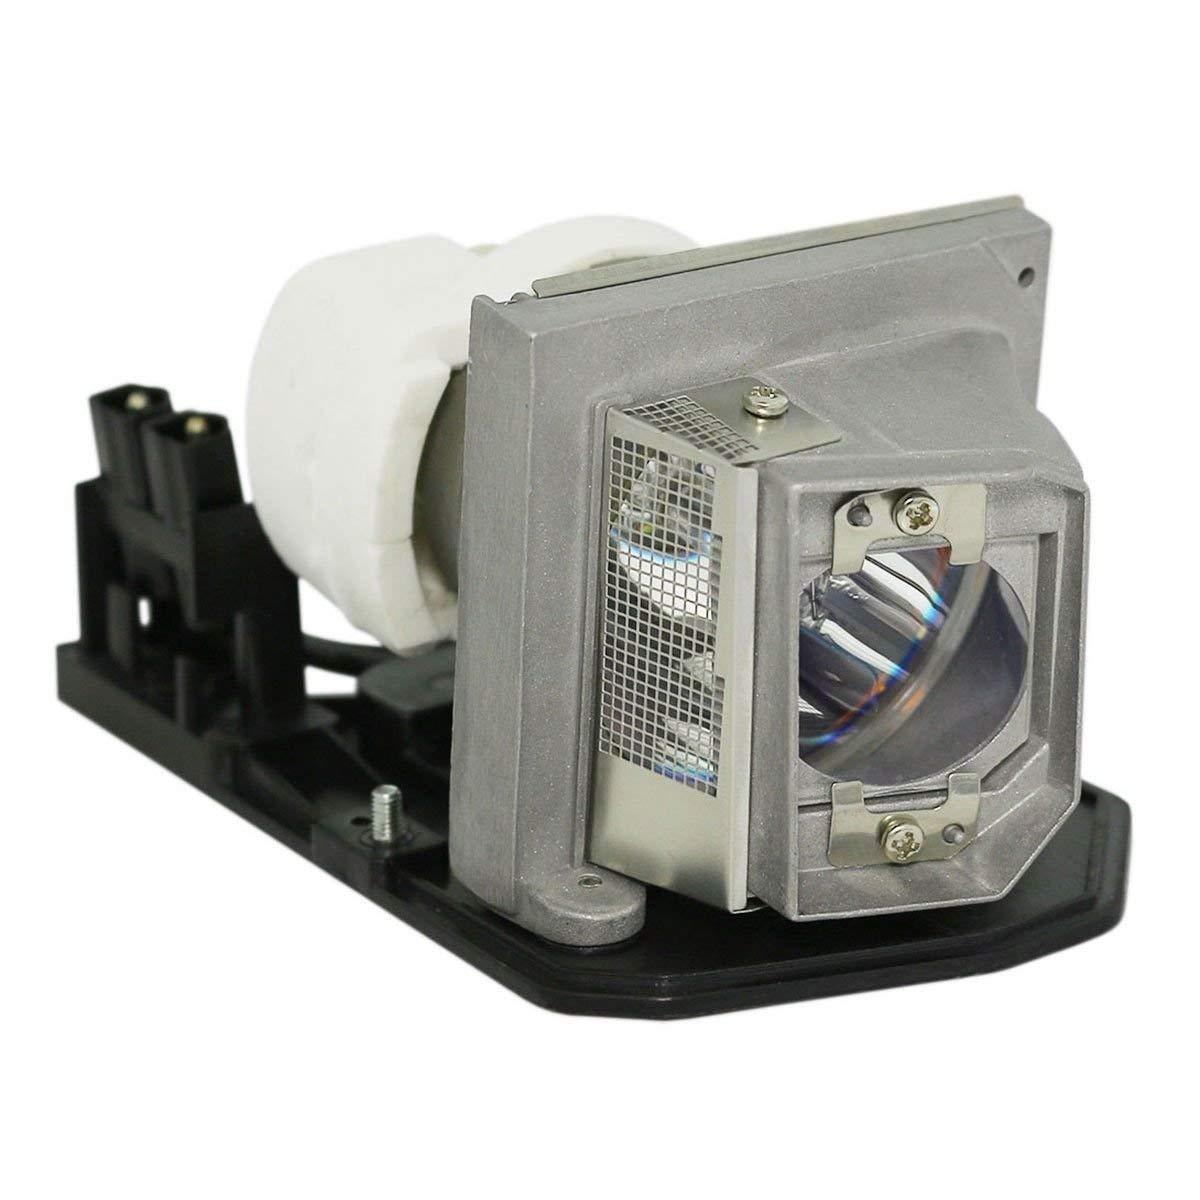 Supermait VLT-HC5000LP / 915D116O10 Lampe de projecteur de Remplacement avec bo?Tier pour Mitsubishi HC4900 / HC5000 / HC5000(BL) / HC5500 / HC6000 / HC6000(BL) / HC4900W